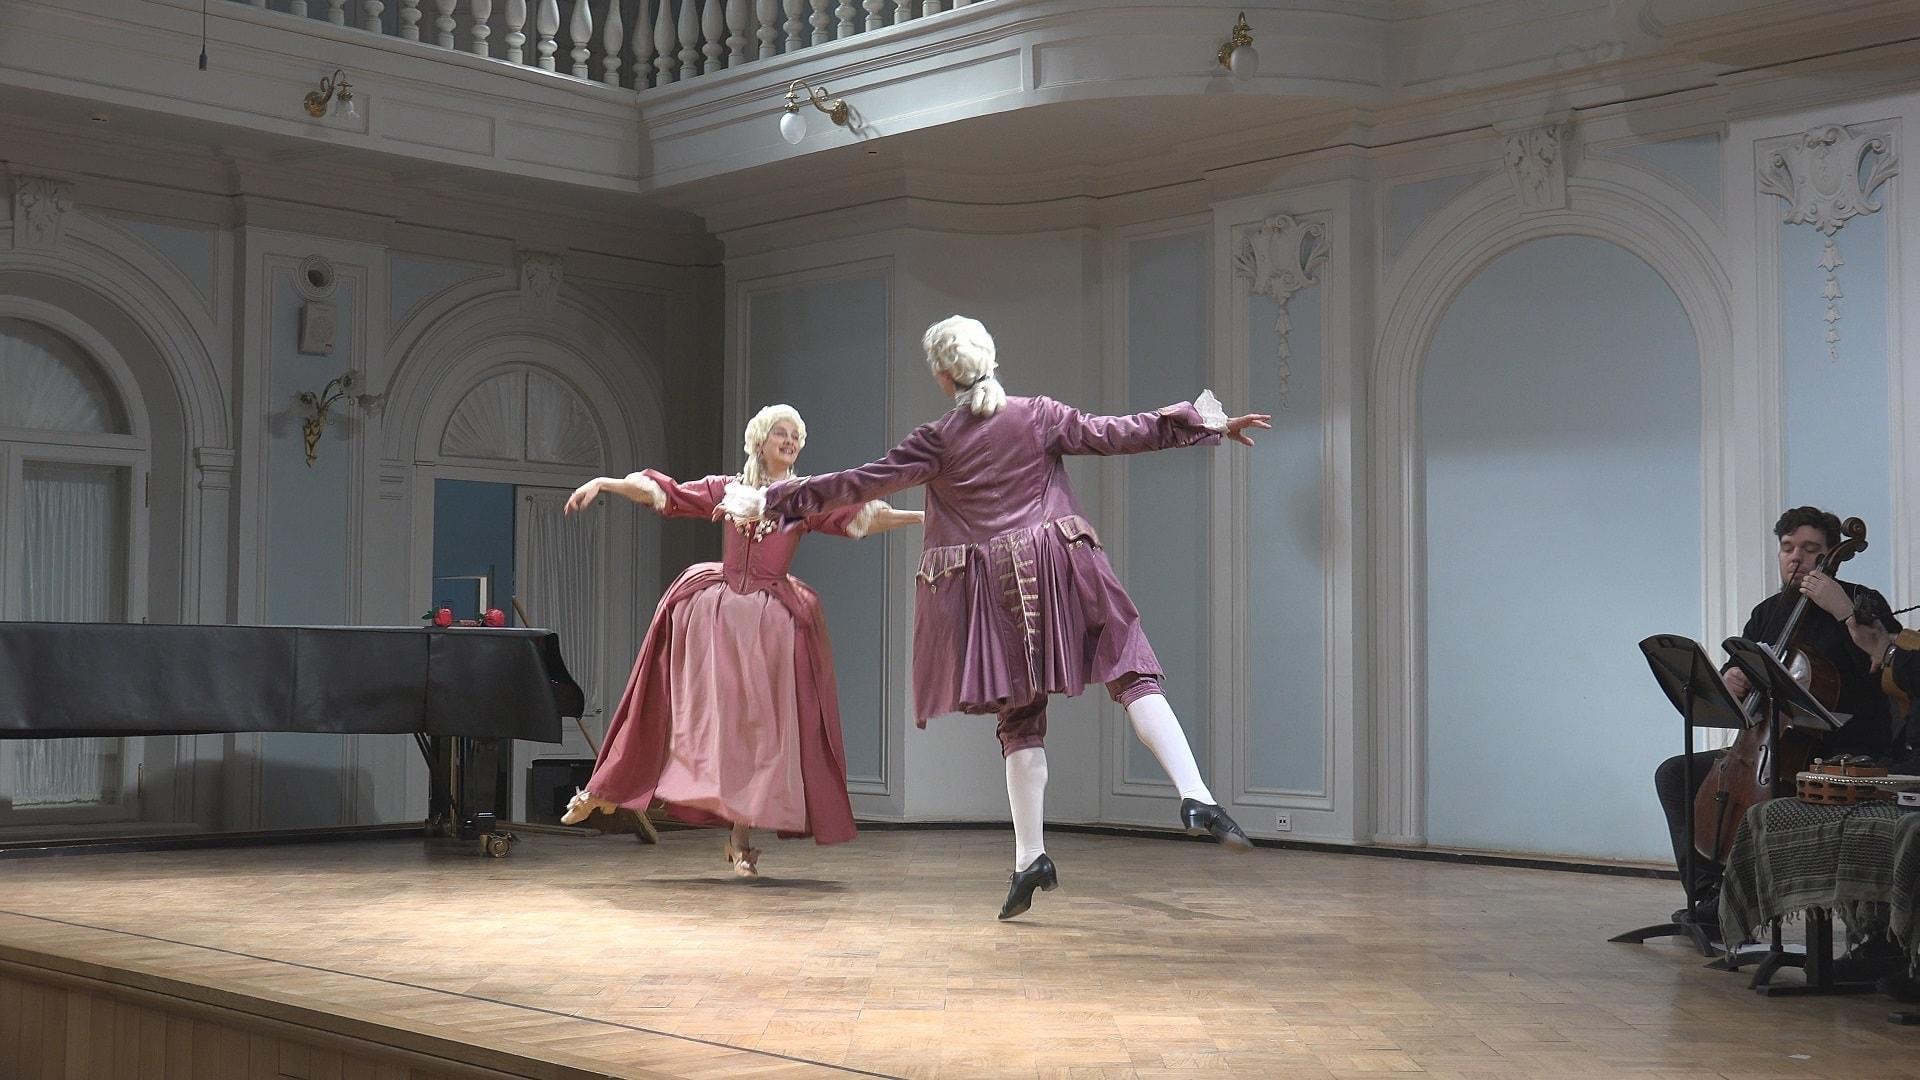 В Рахманиновском зале консерватории прошел концерт-лекция под названием «Итальянцы в Париже». Фото - Игорь Полюбин